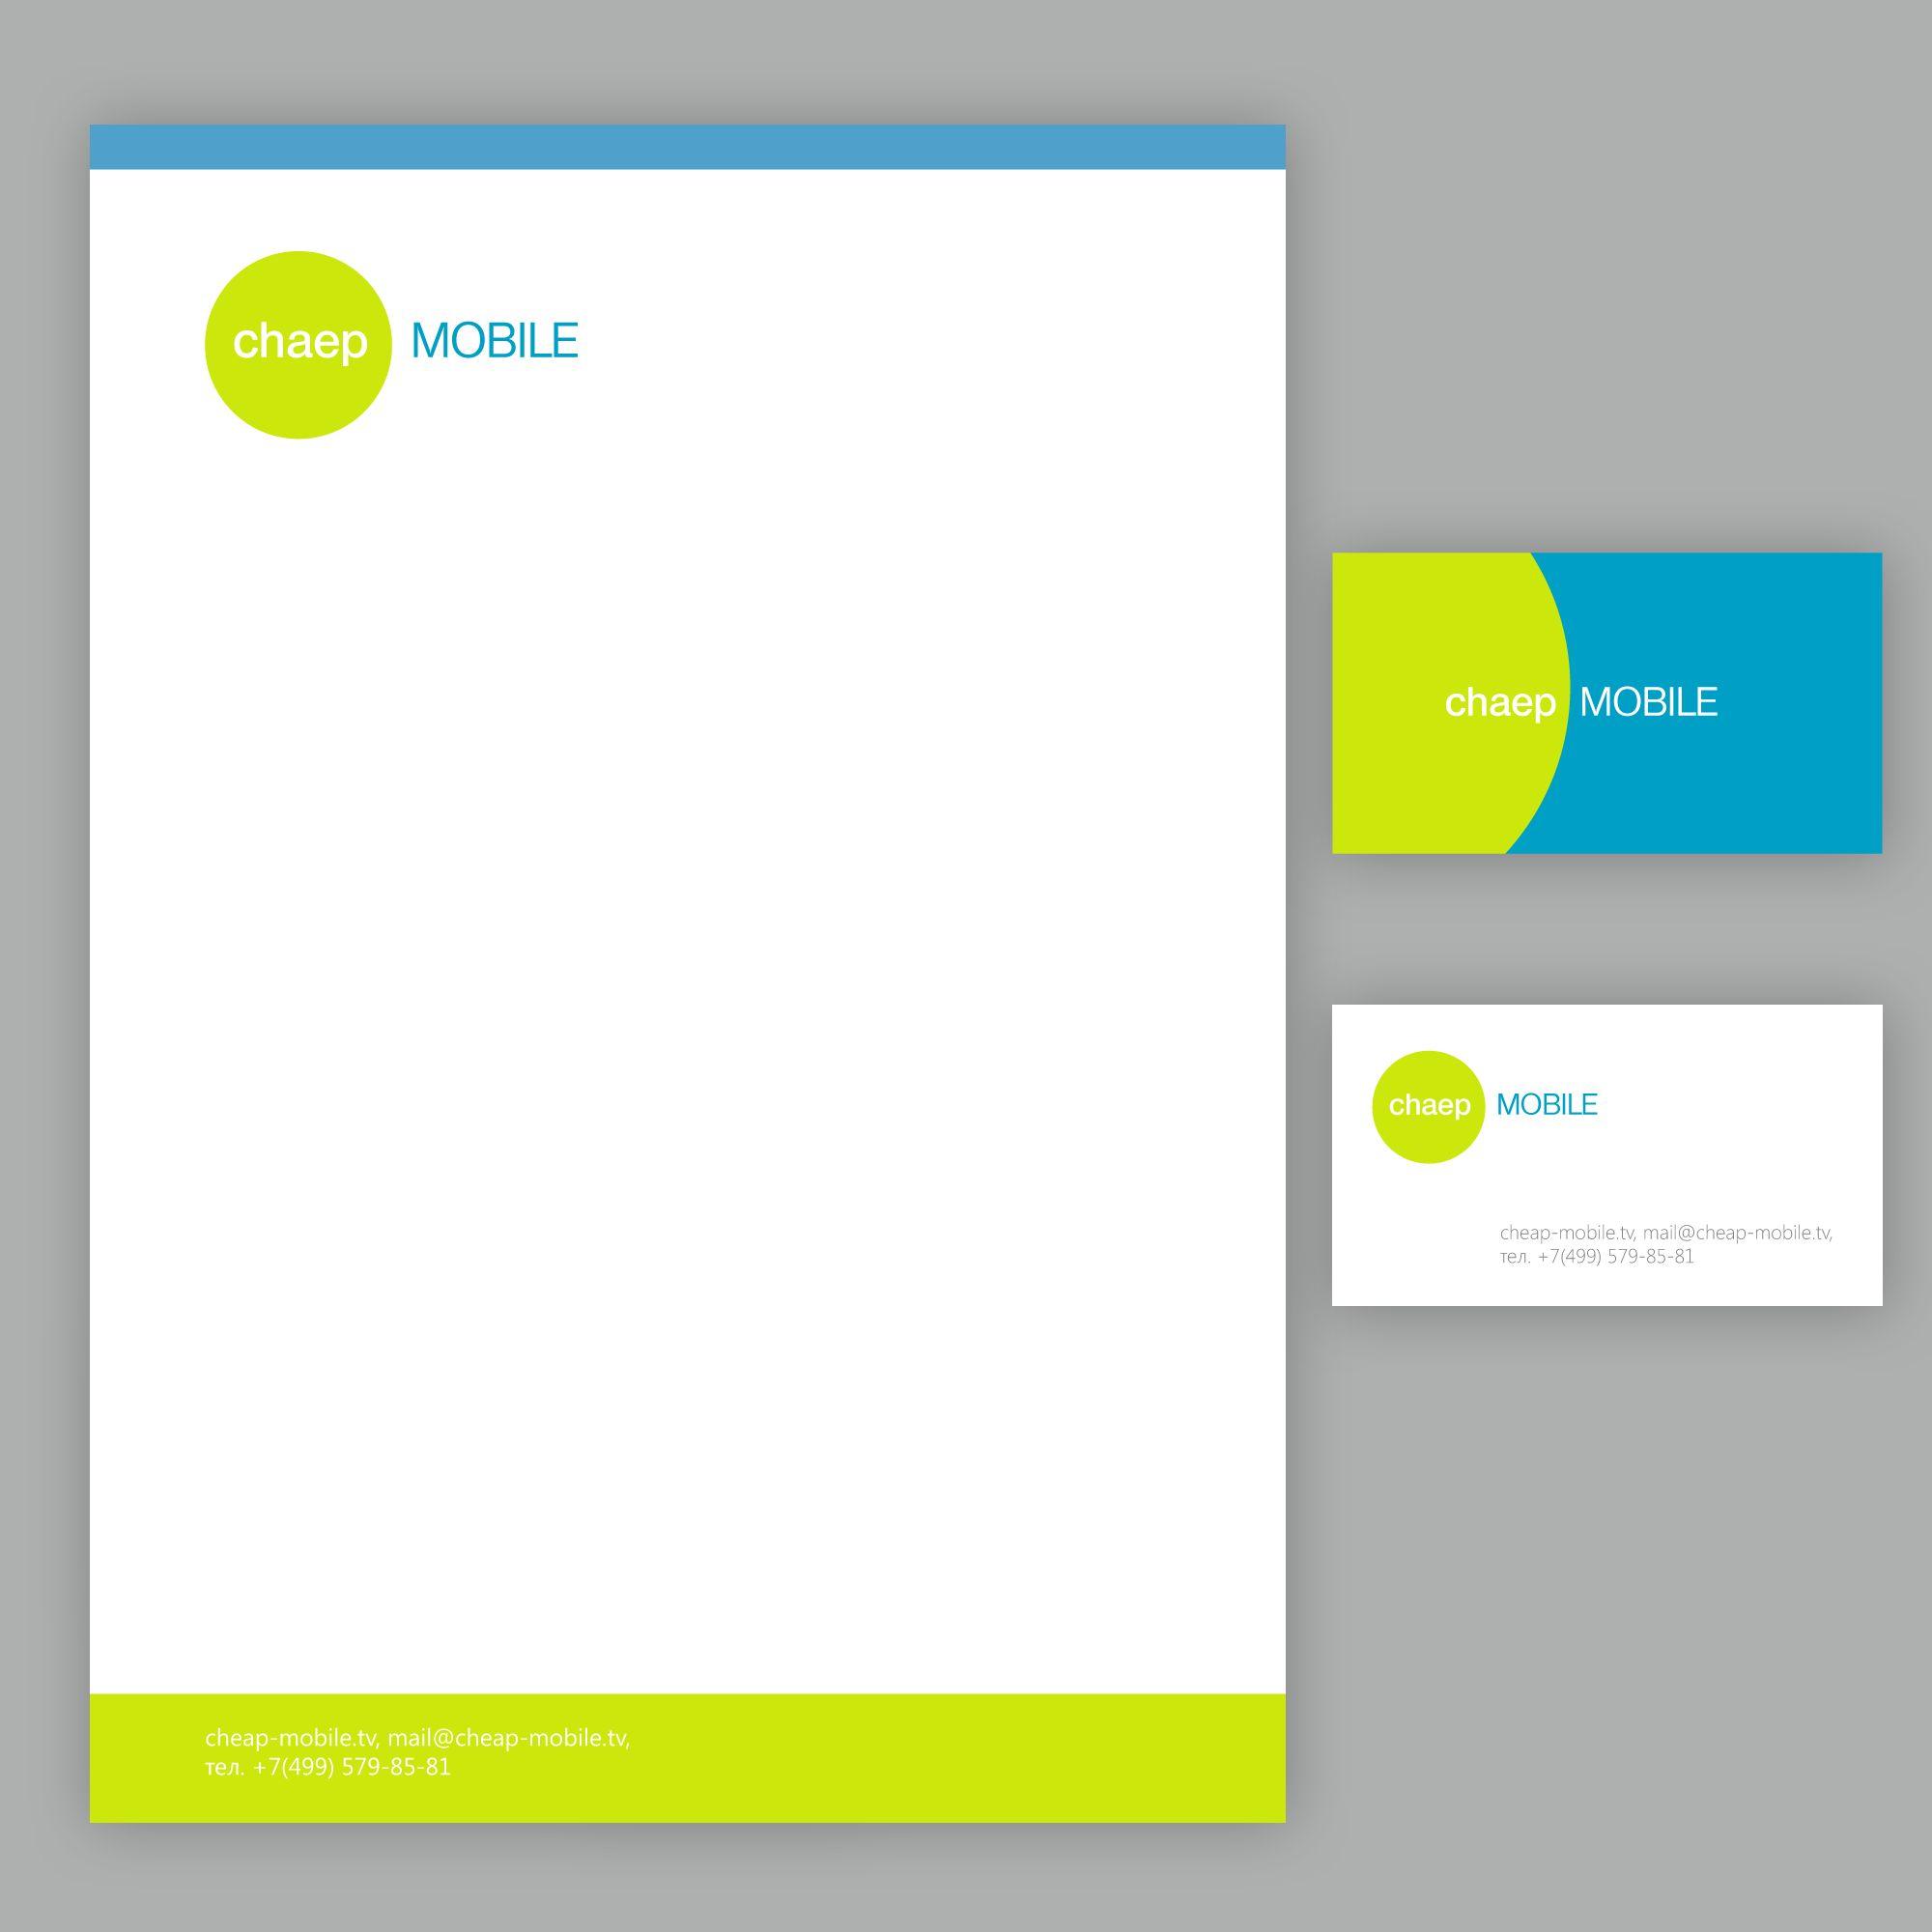 Лого и фирменный стиль для ИМ (Мобильные телефоны) - дизайнер deco